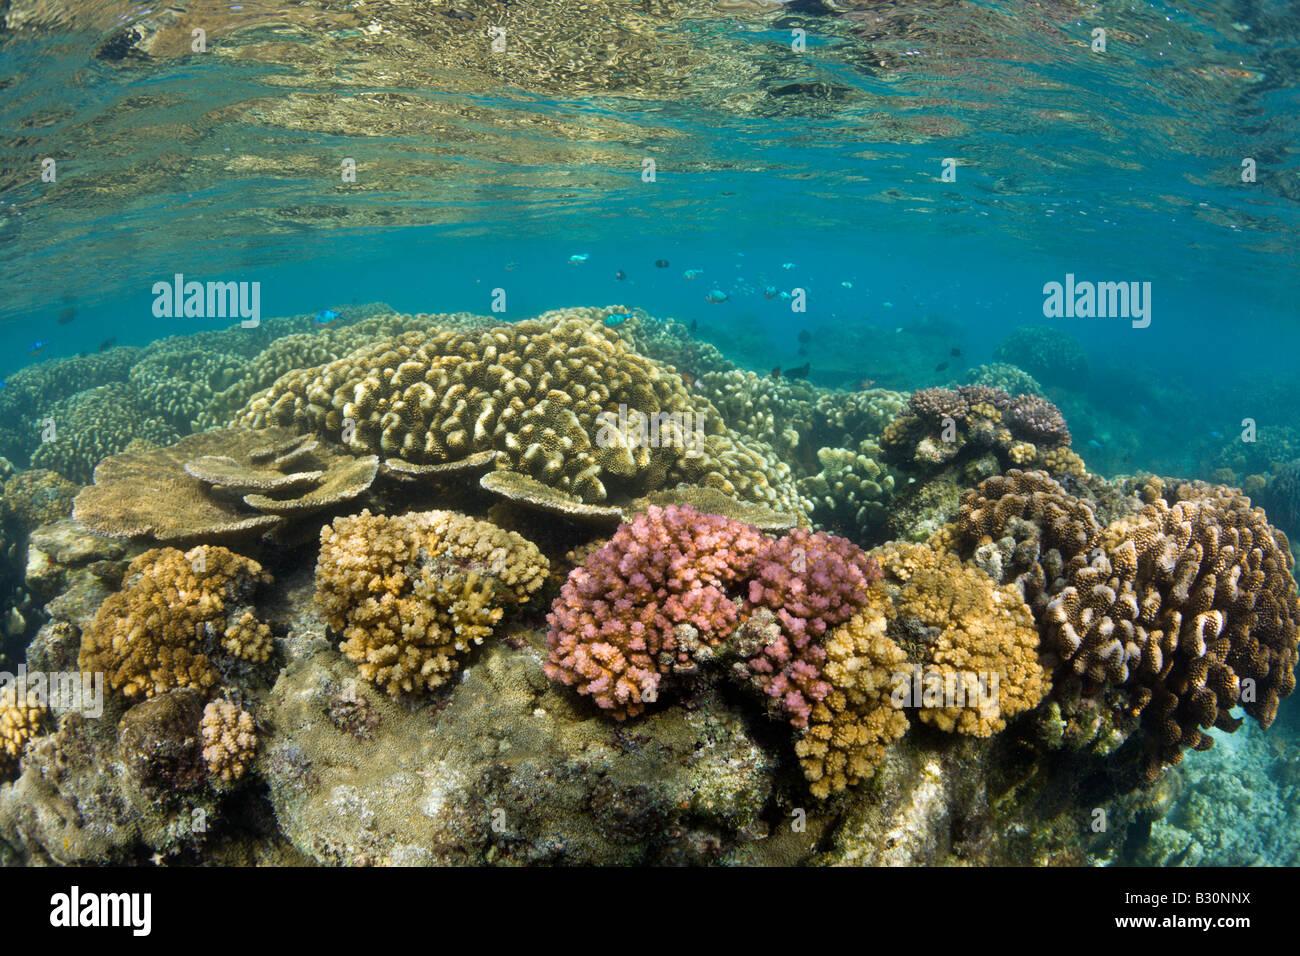 Pristine Corals in Bikini Lagoon Marshall Islands Bikini Atoll Micronesia Pacific Ocean - Stock Image